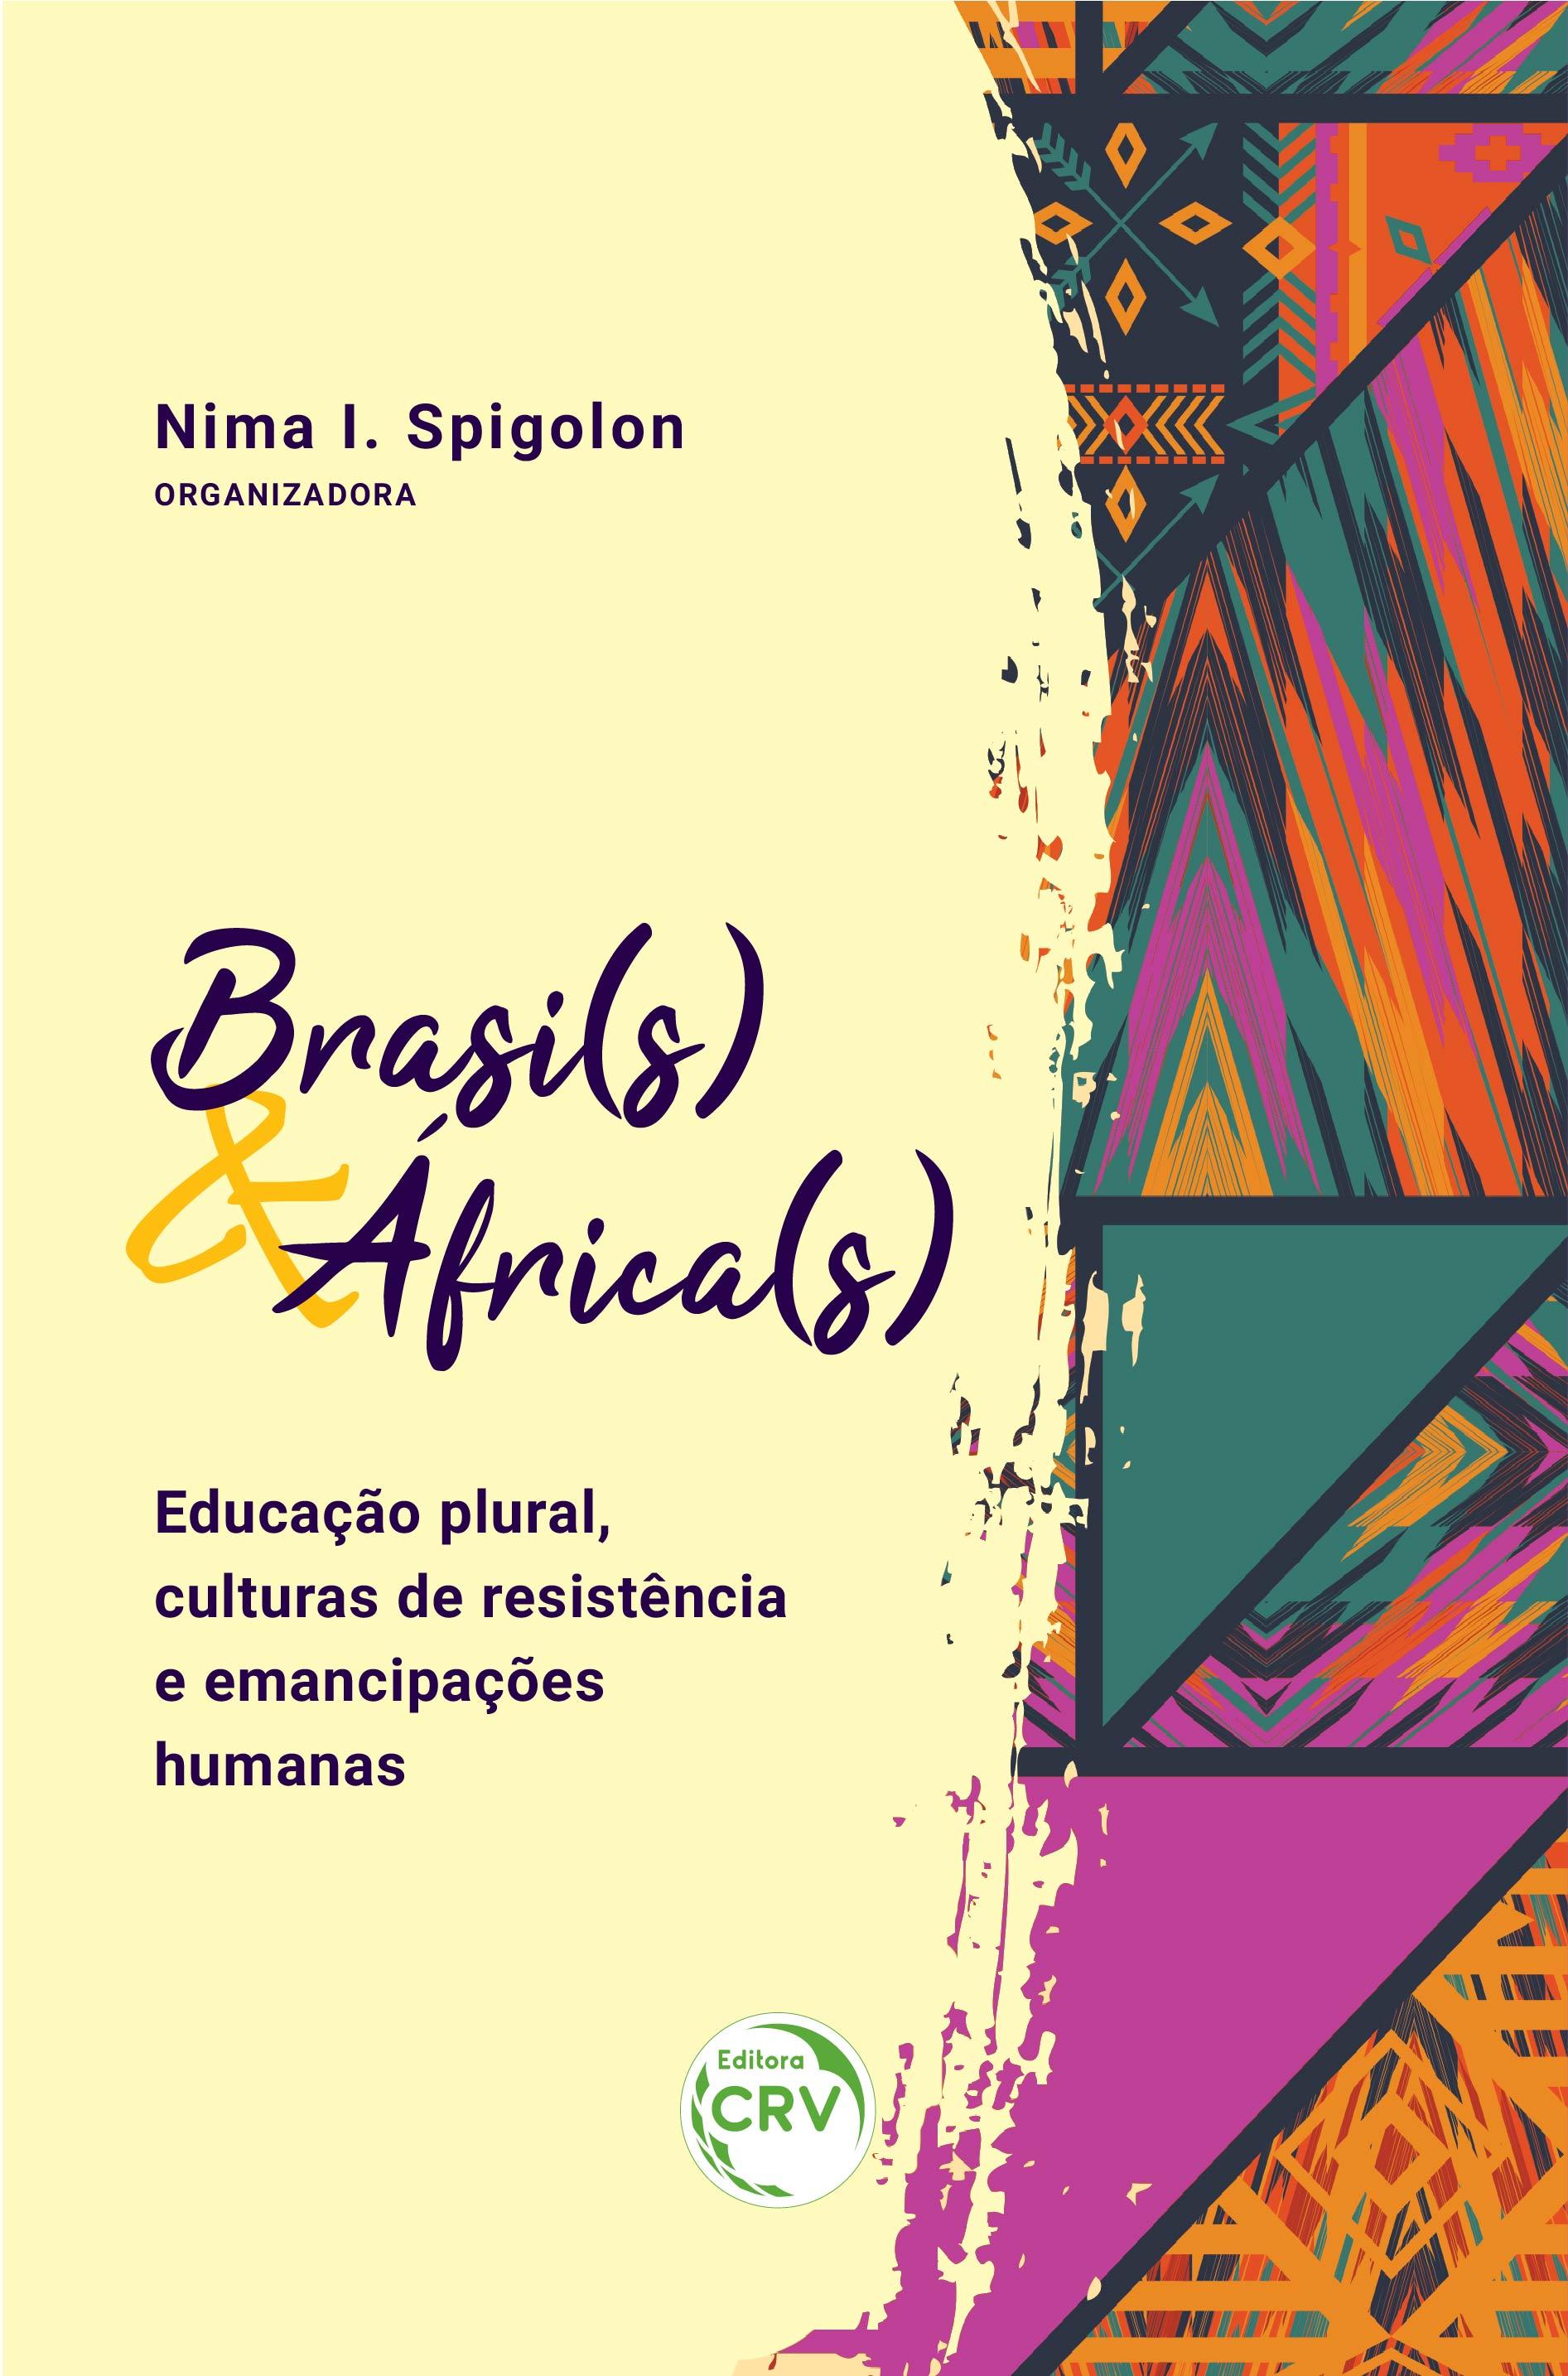 Capa do livro: BRASI(S) & ÁFRICA(S): <br>educação plural, culturas de resistência e emancipações humanas